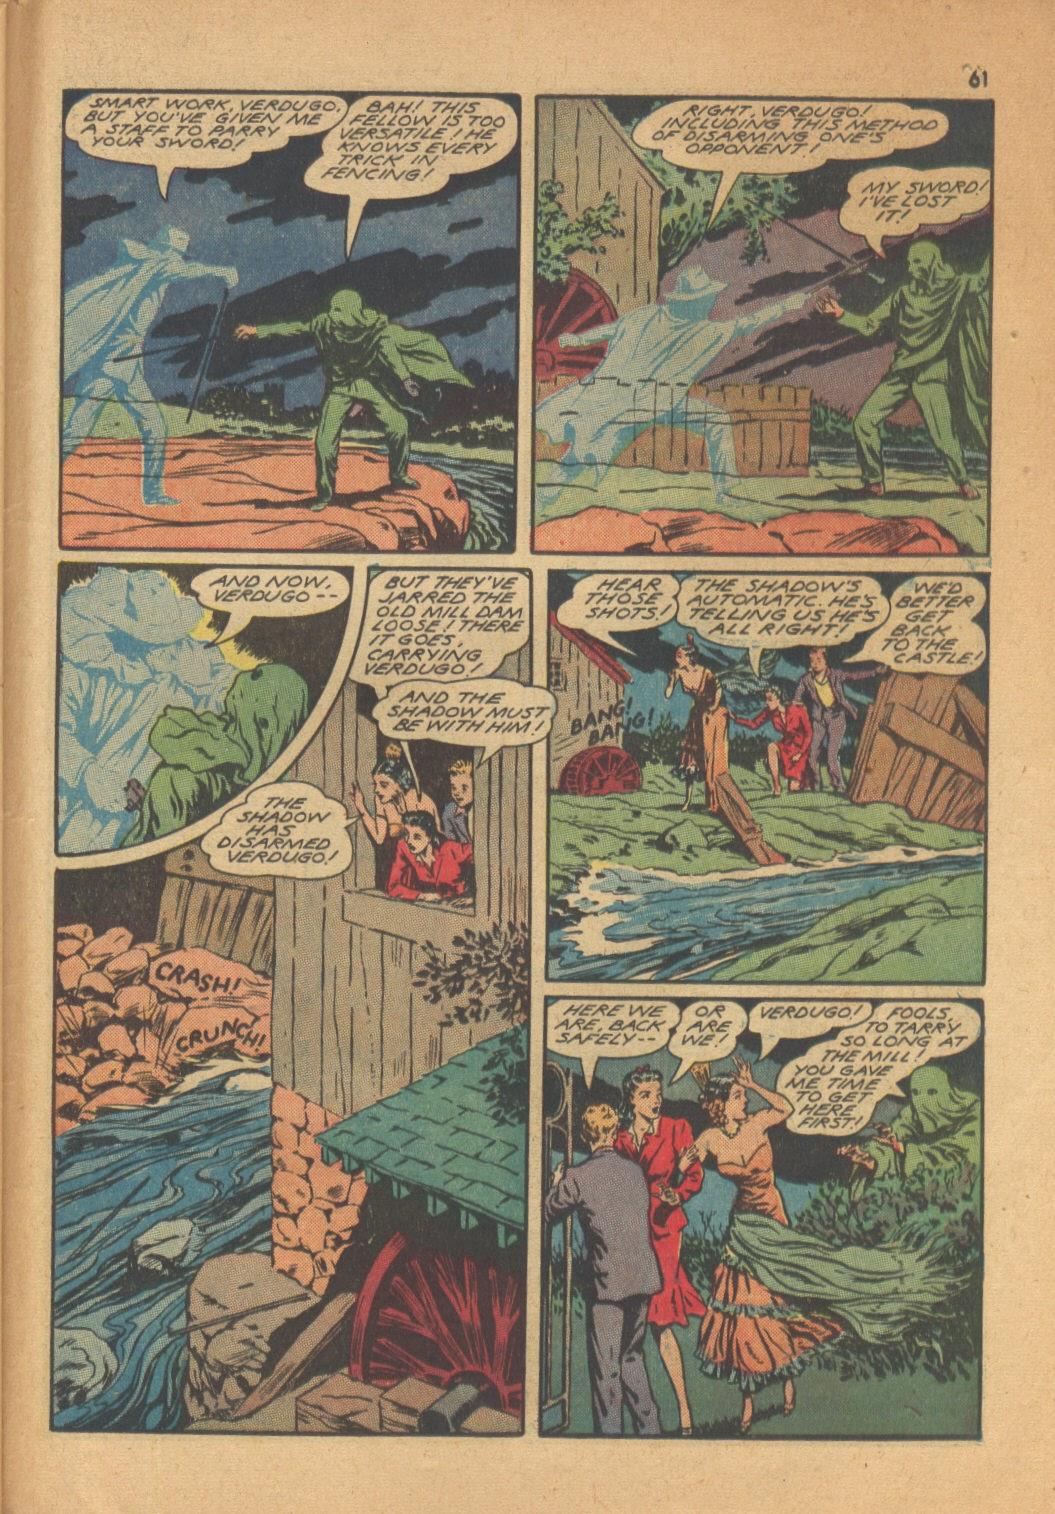 Read online Super-Magician Comics comic -  Issue #13 - 61